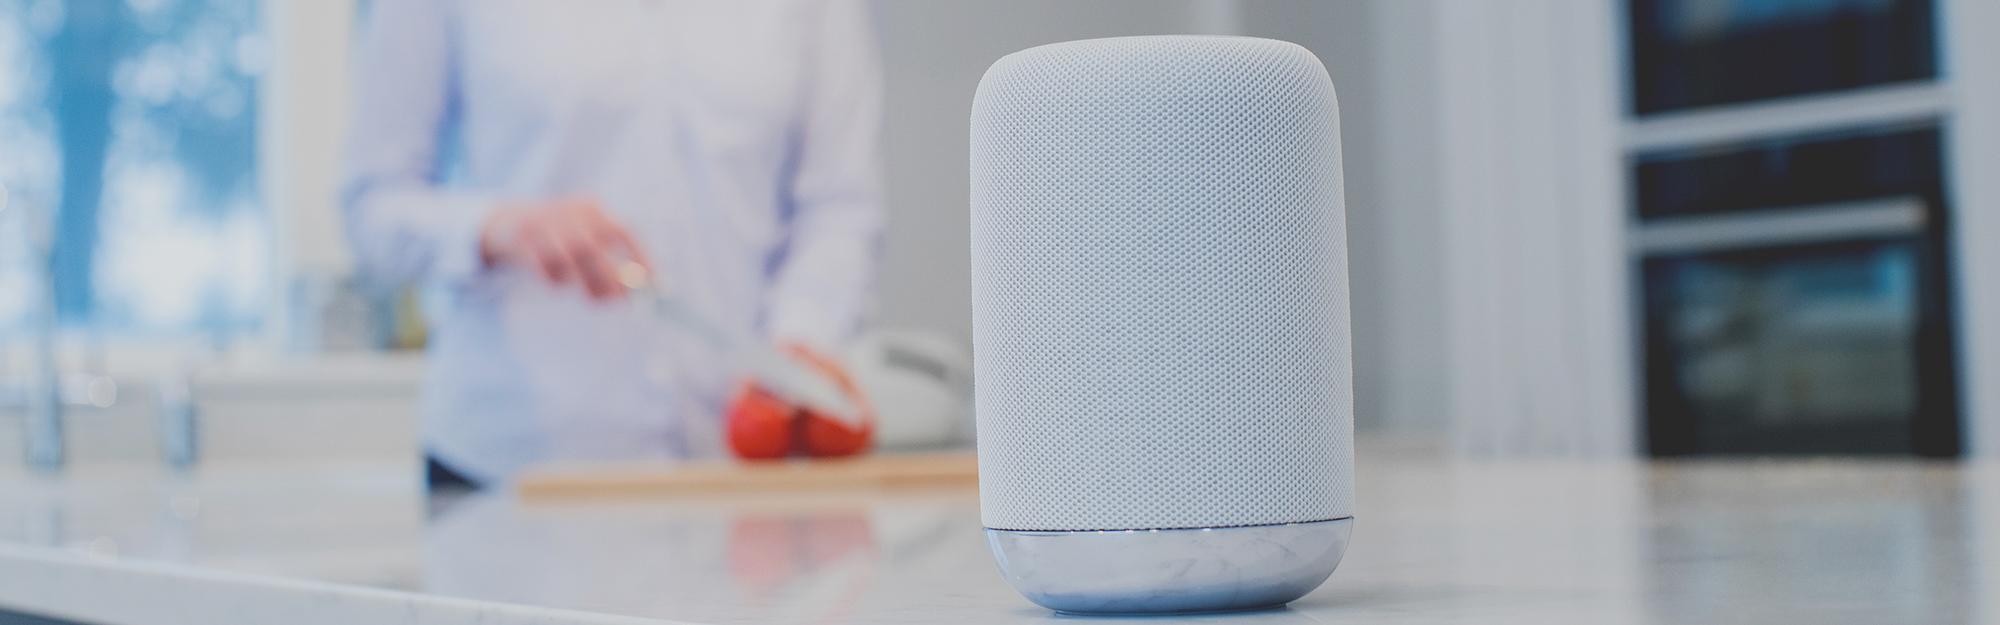 Smart Home 2.0: l'IoT da solo non basta, bisogna concentrarsi su integrazione ed esperienza